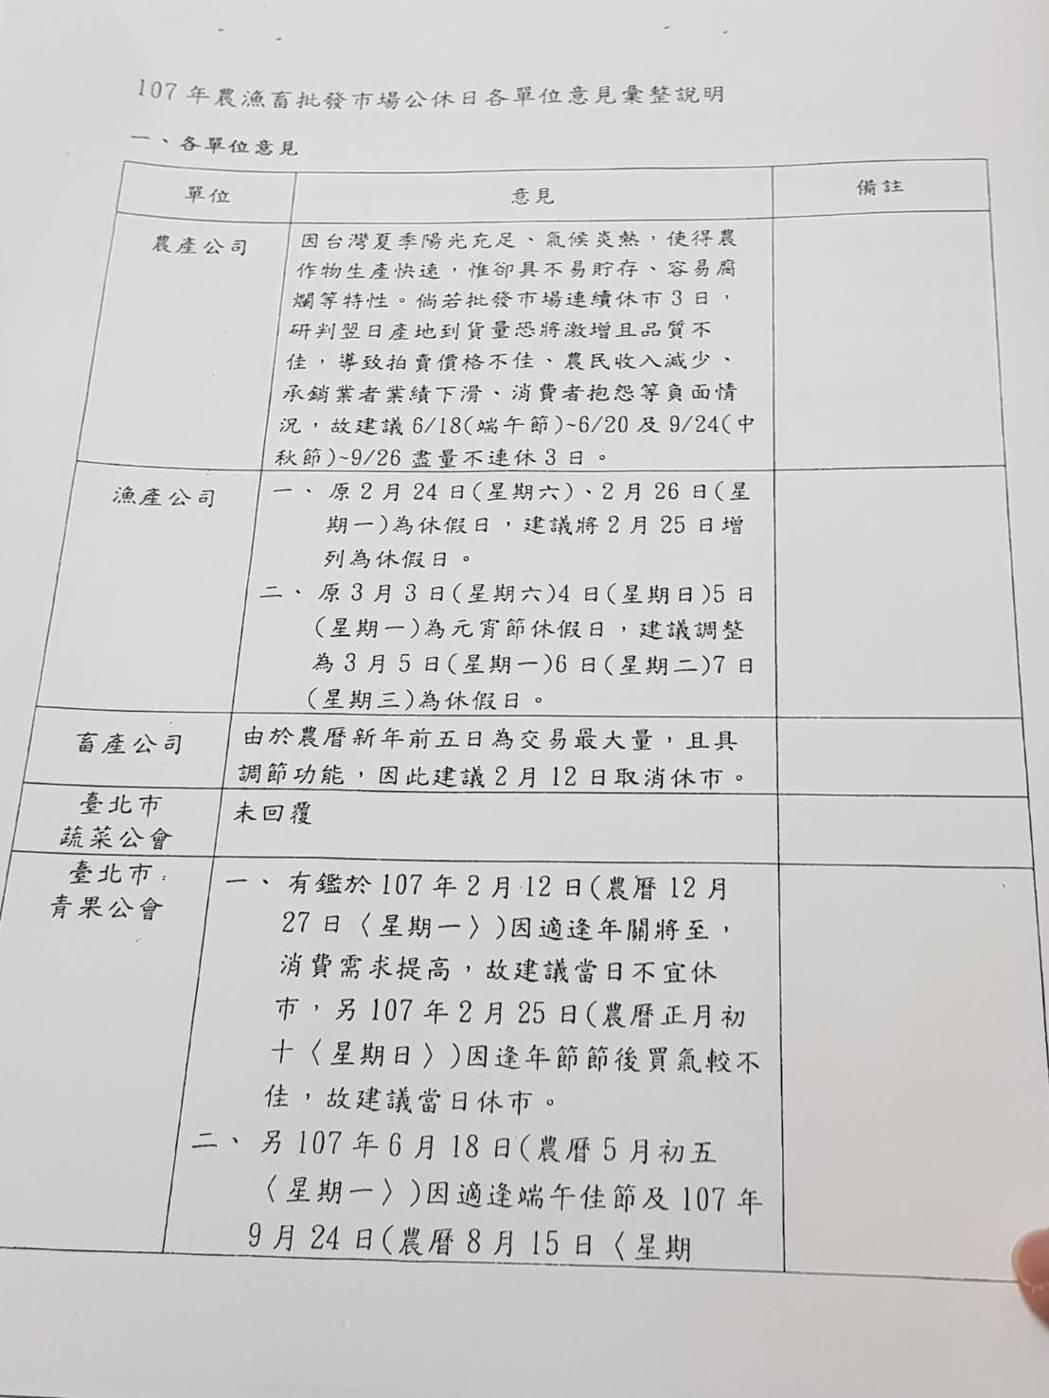 張麗善拿出7月6日的會議記錄證明,當天包括農產公司、畜產公司台北是青果公會、中華...